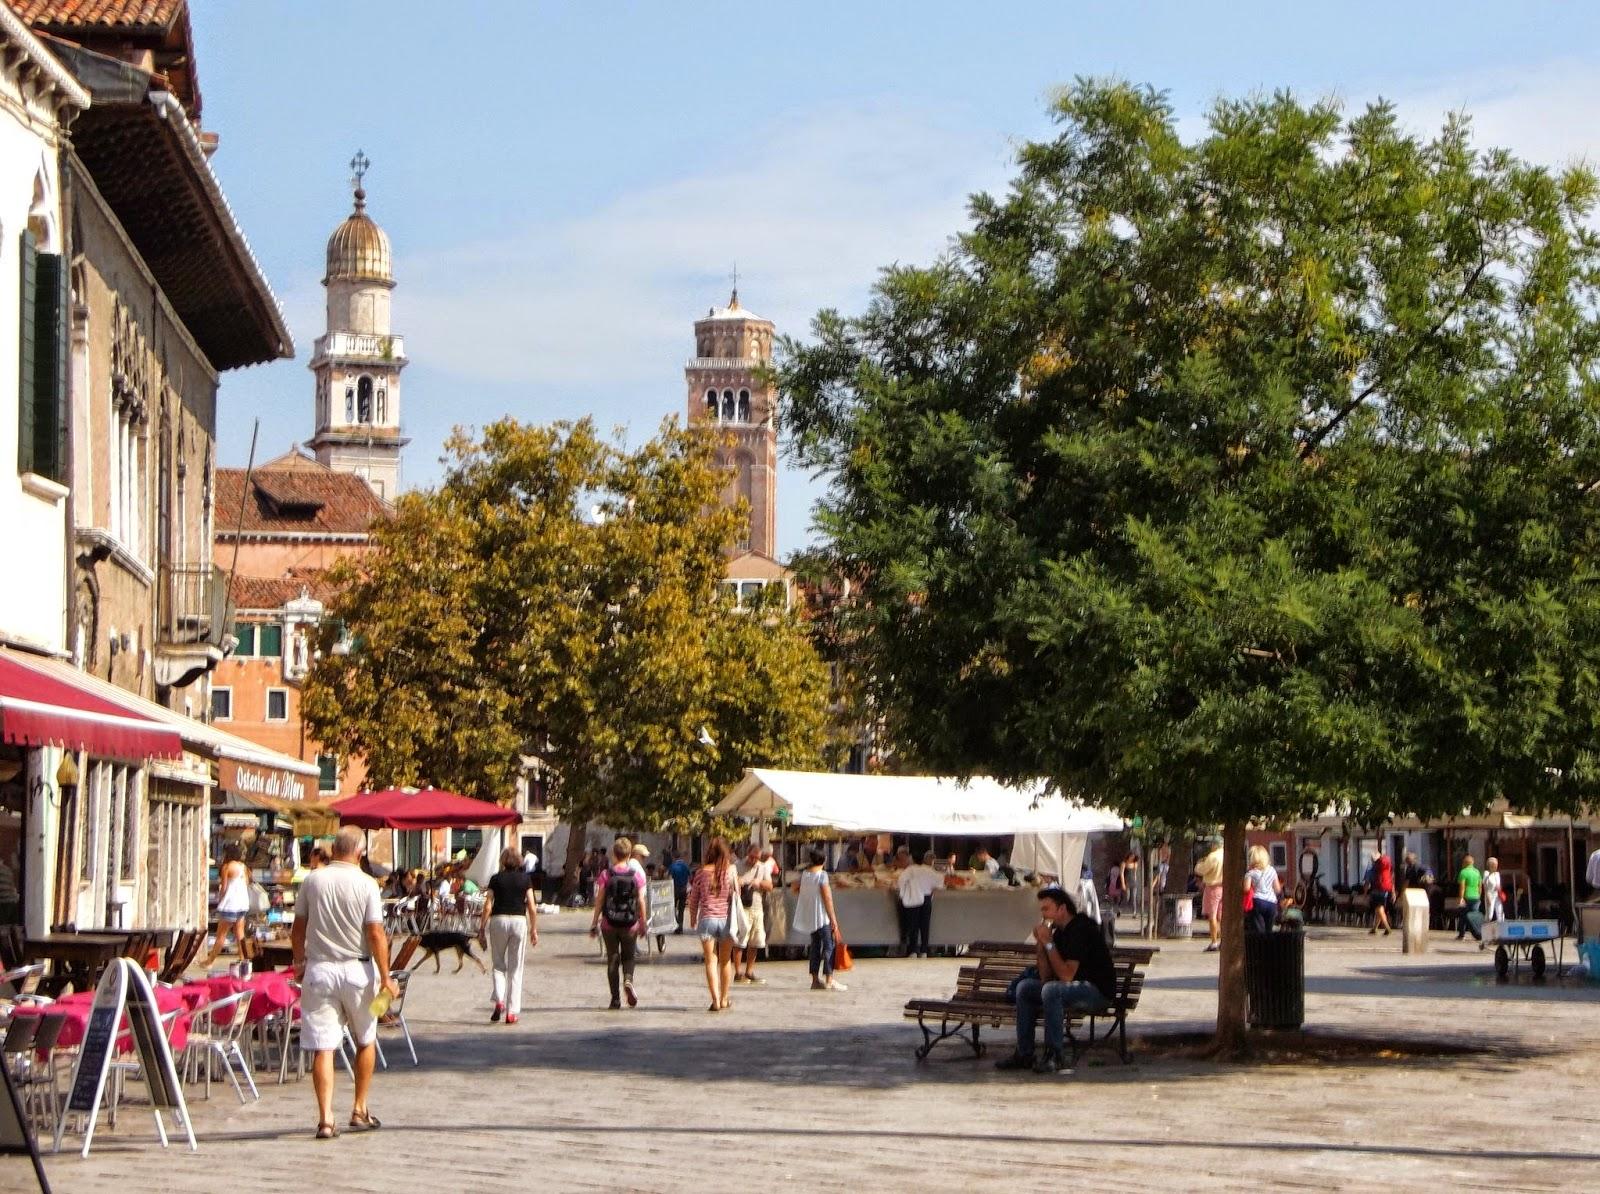 The Campo Santa Margarita in the Dorsoduro district of Venice